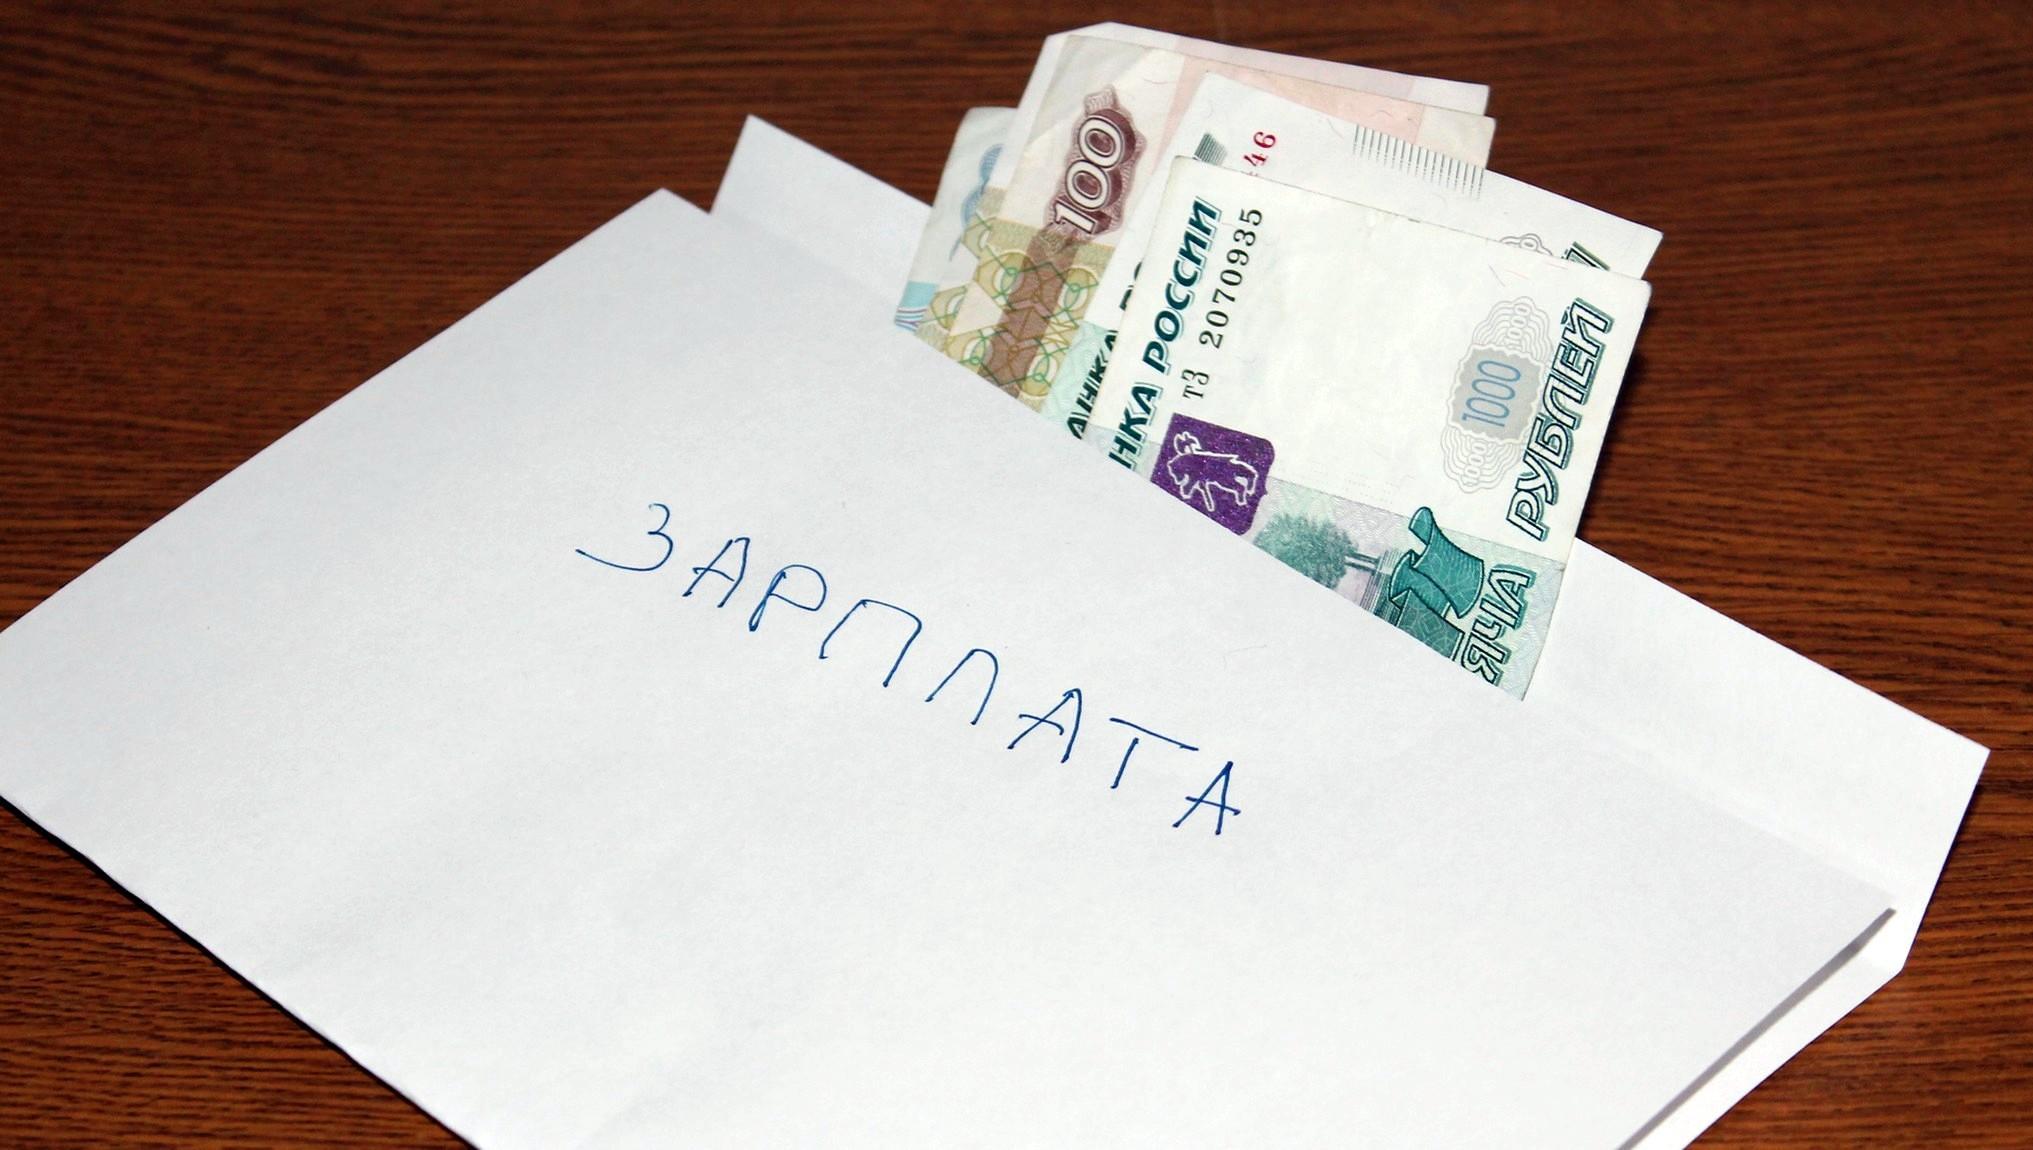 В России хотят усилить наказание для работодателей, выплачивающих серые зарплаты